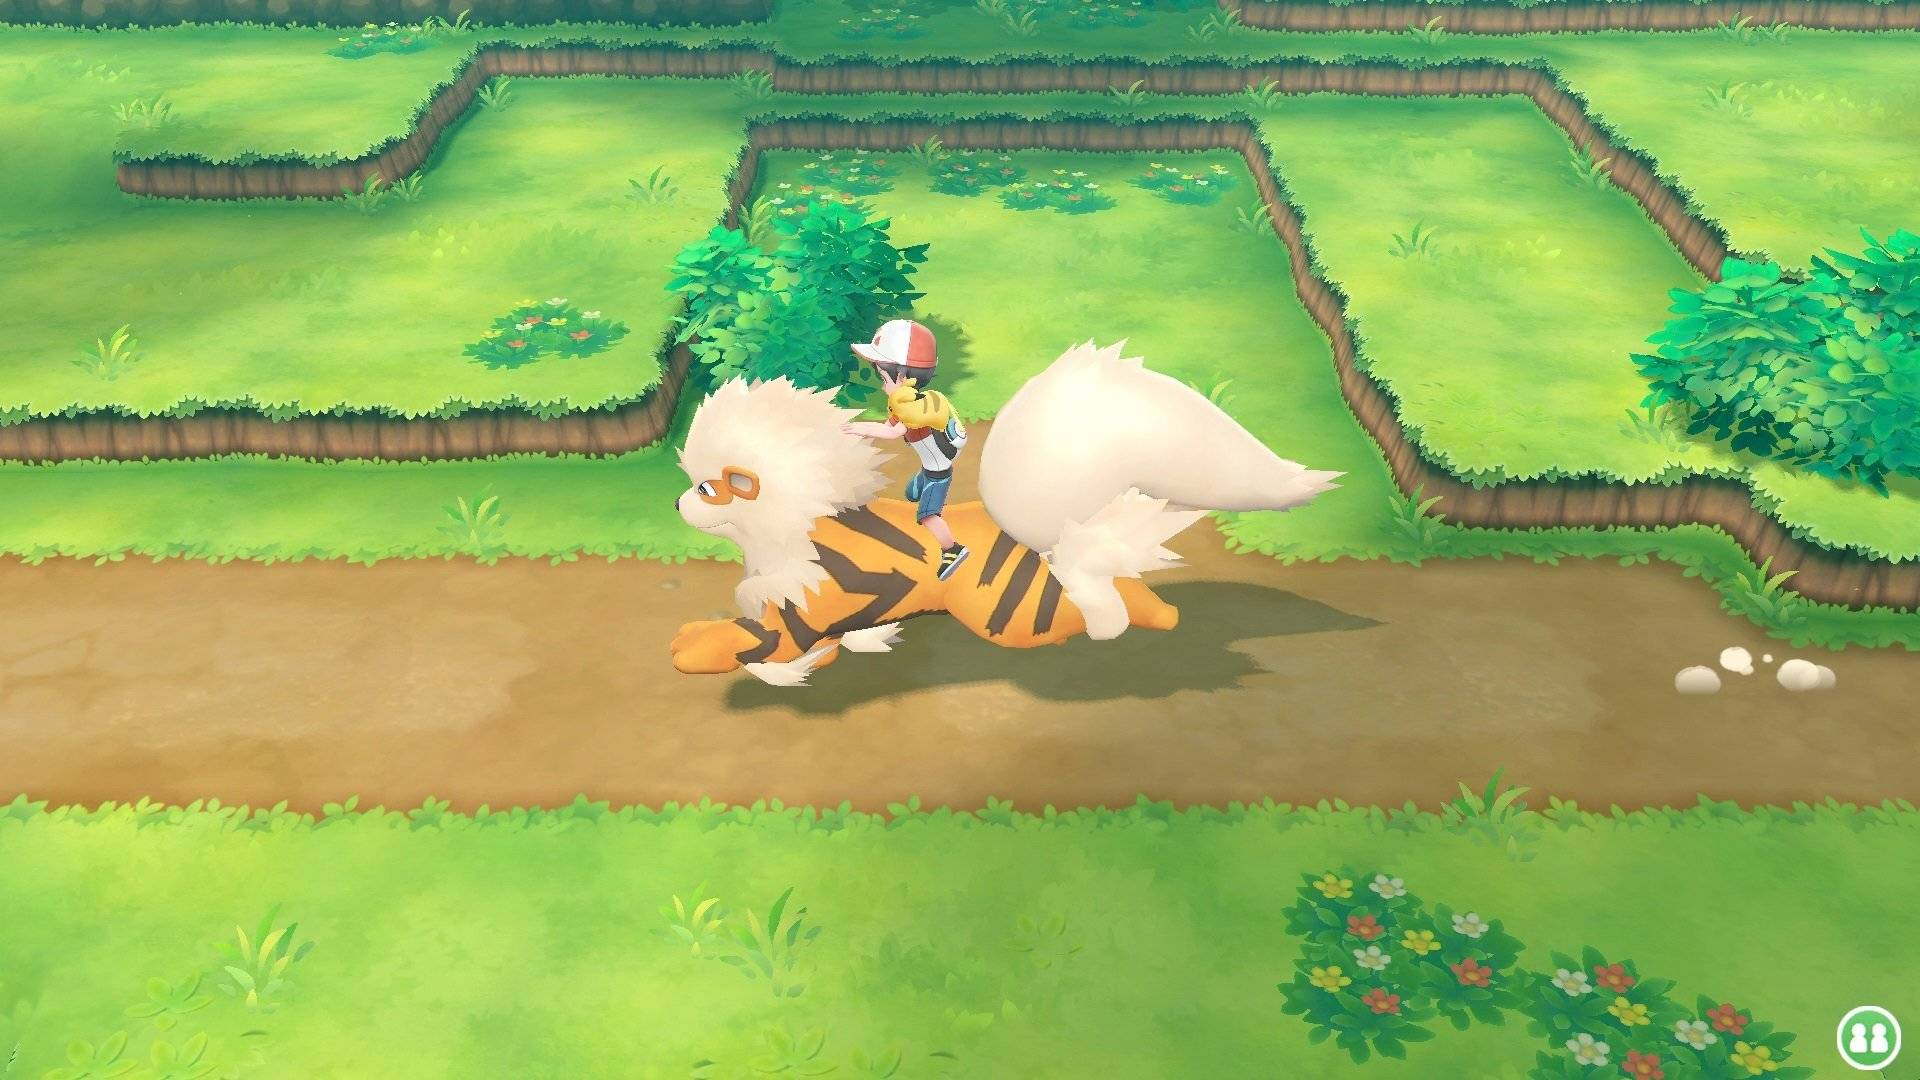 Pokémon: Let's Go Arcanine